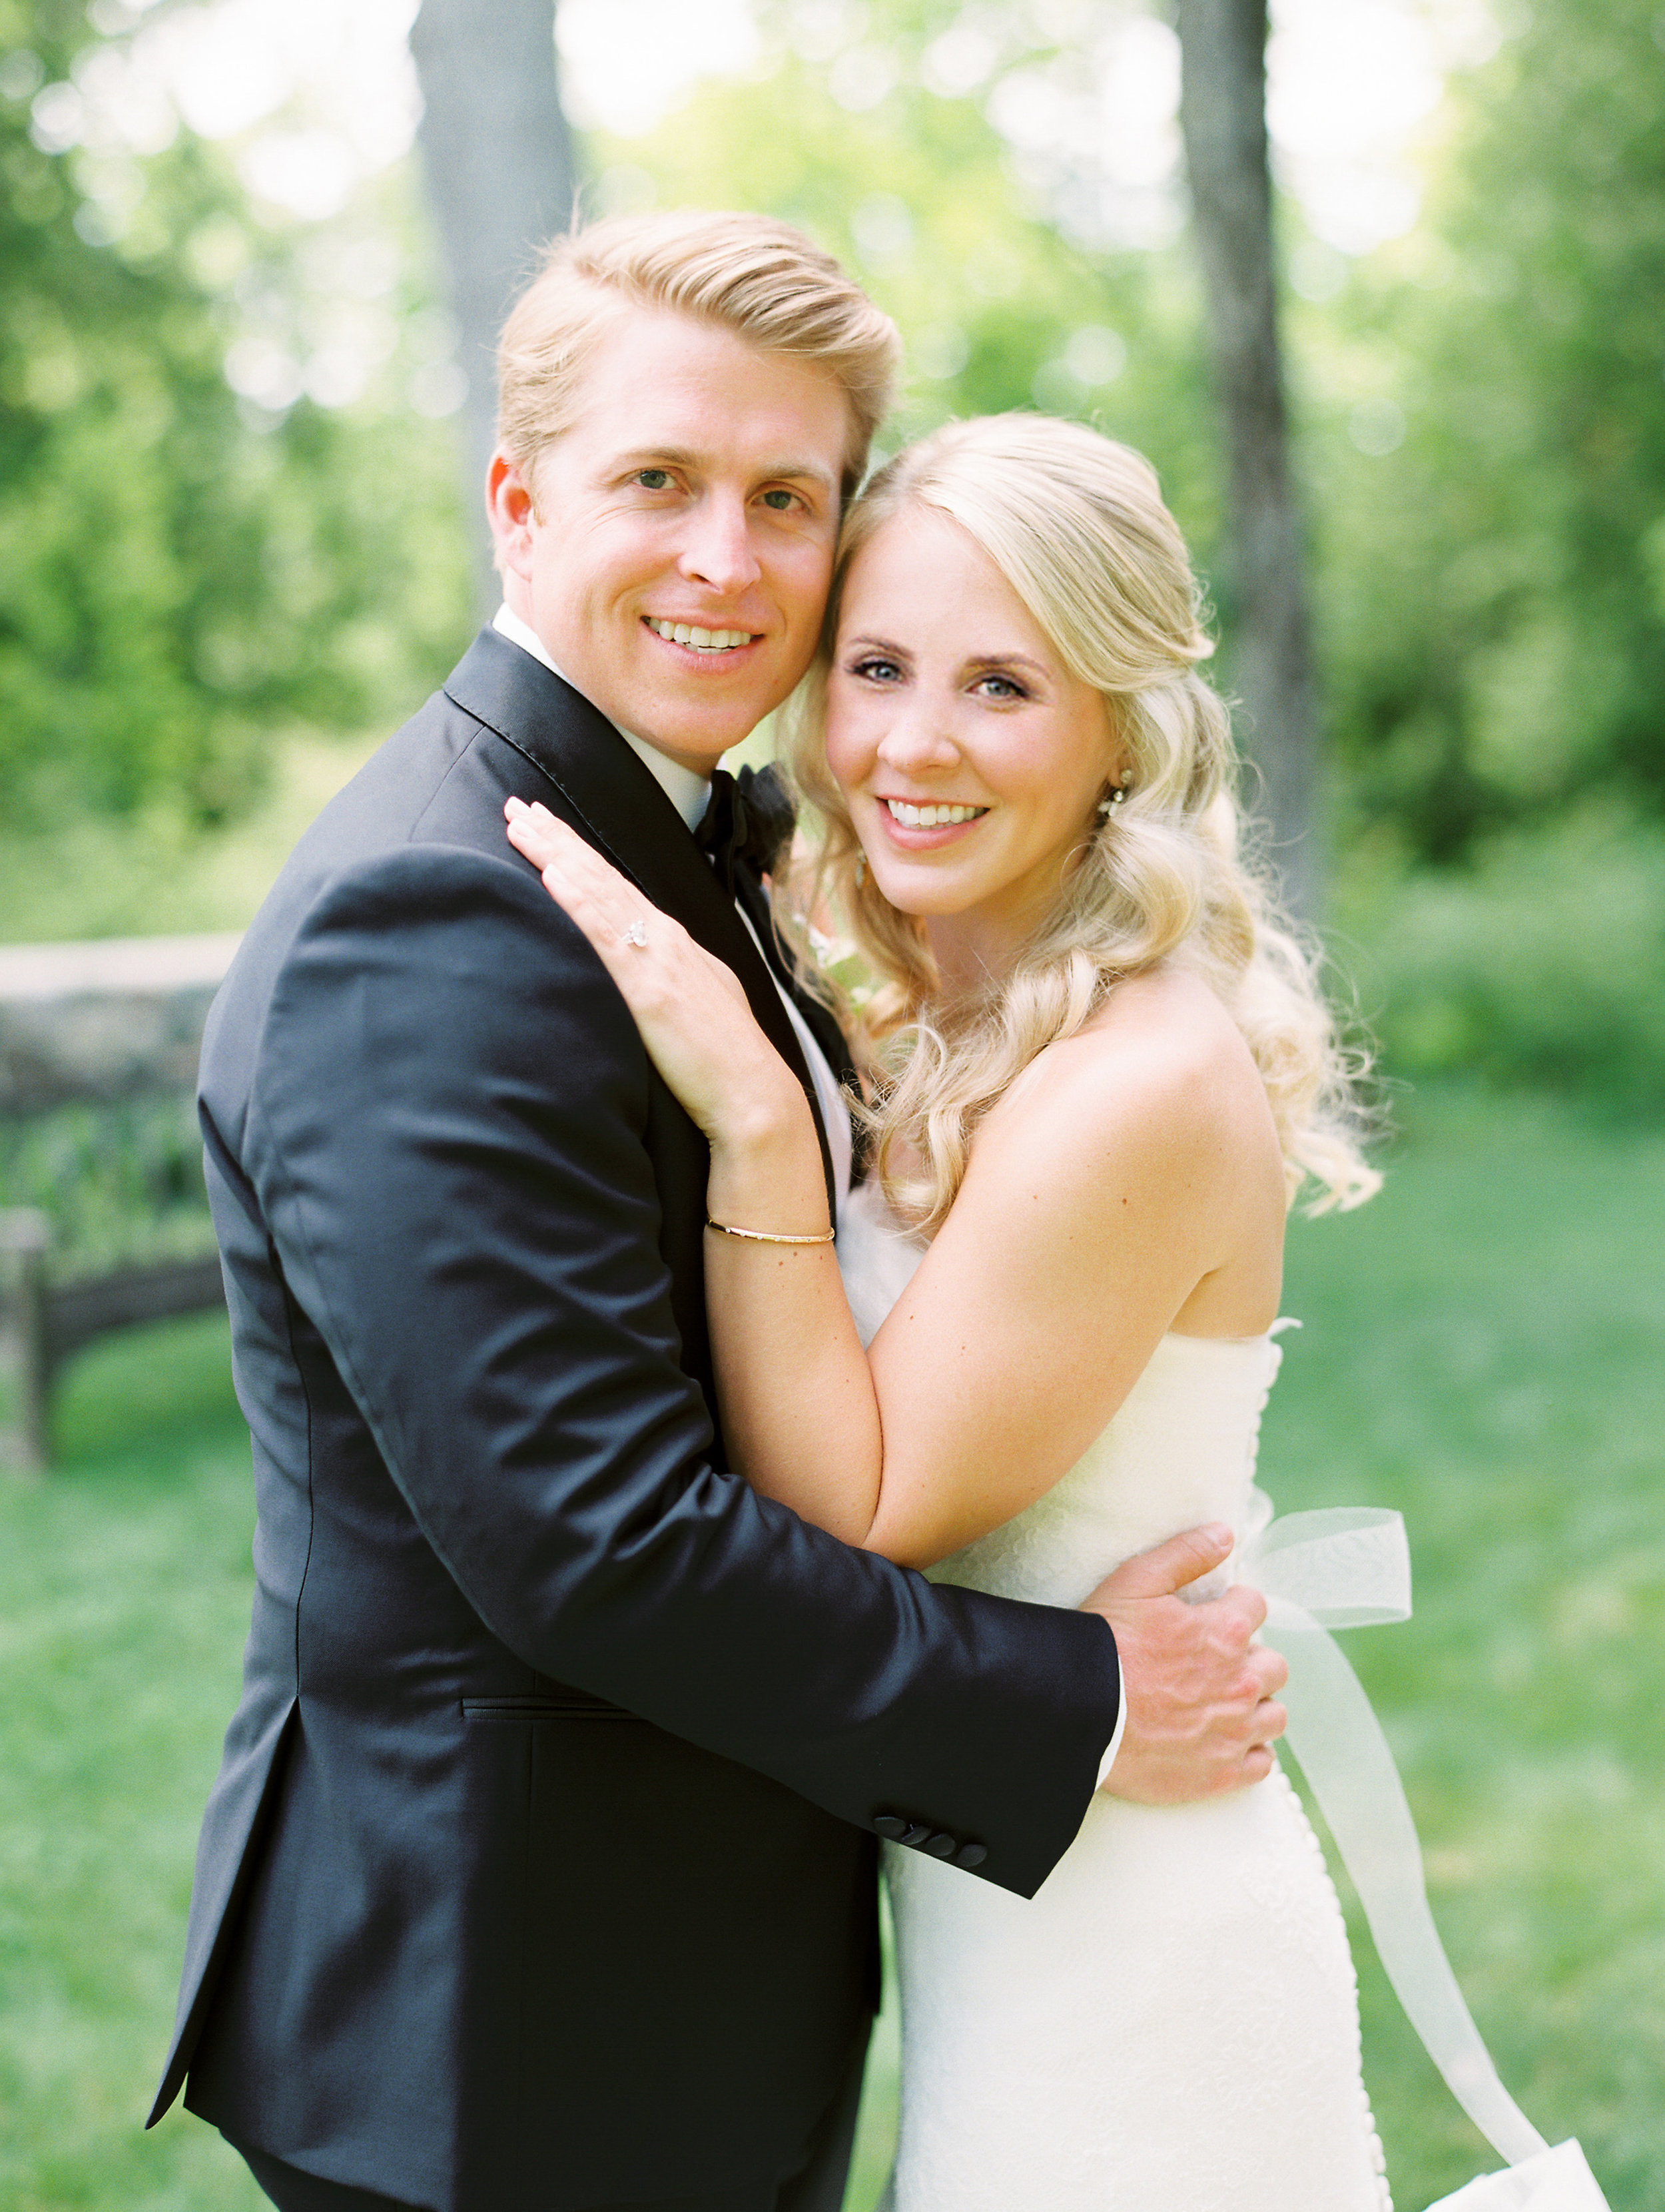 Coffman+Wedding+BrideGrooma-15.jpg